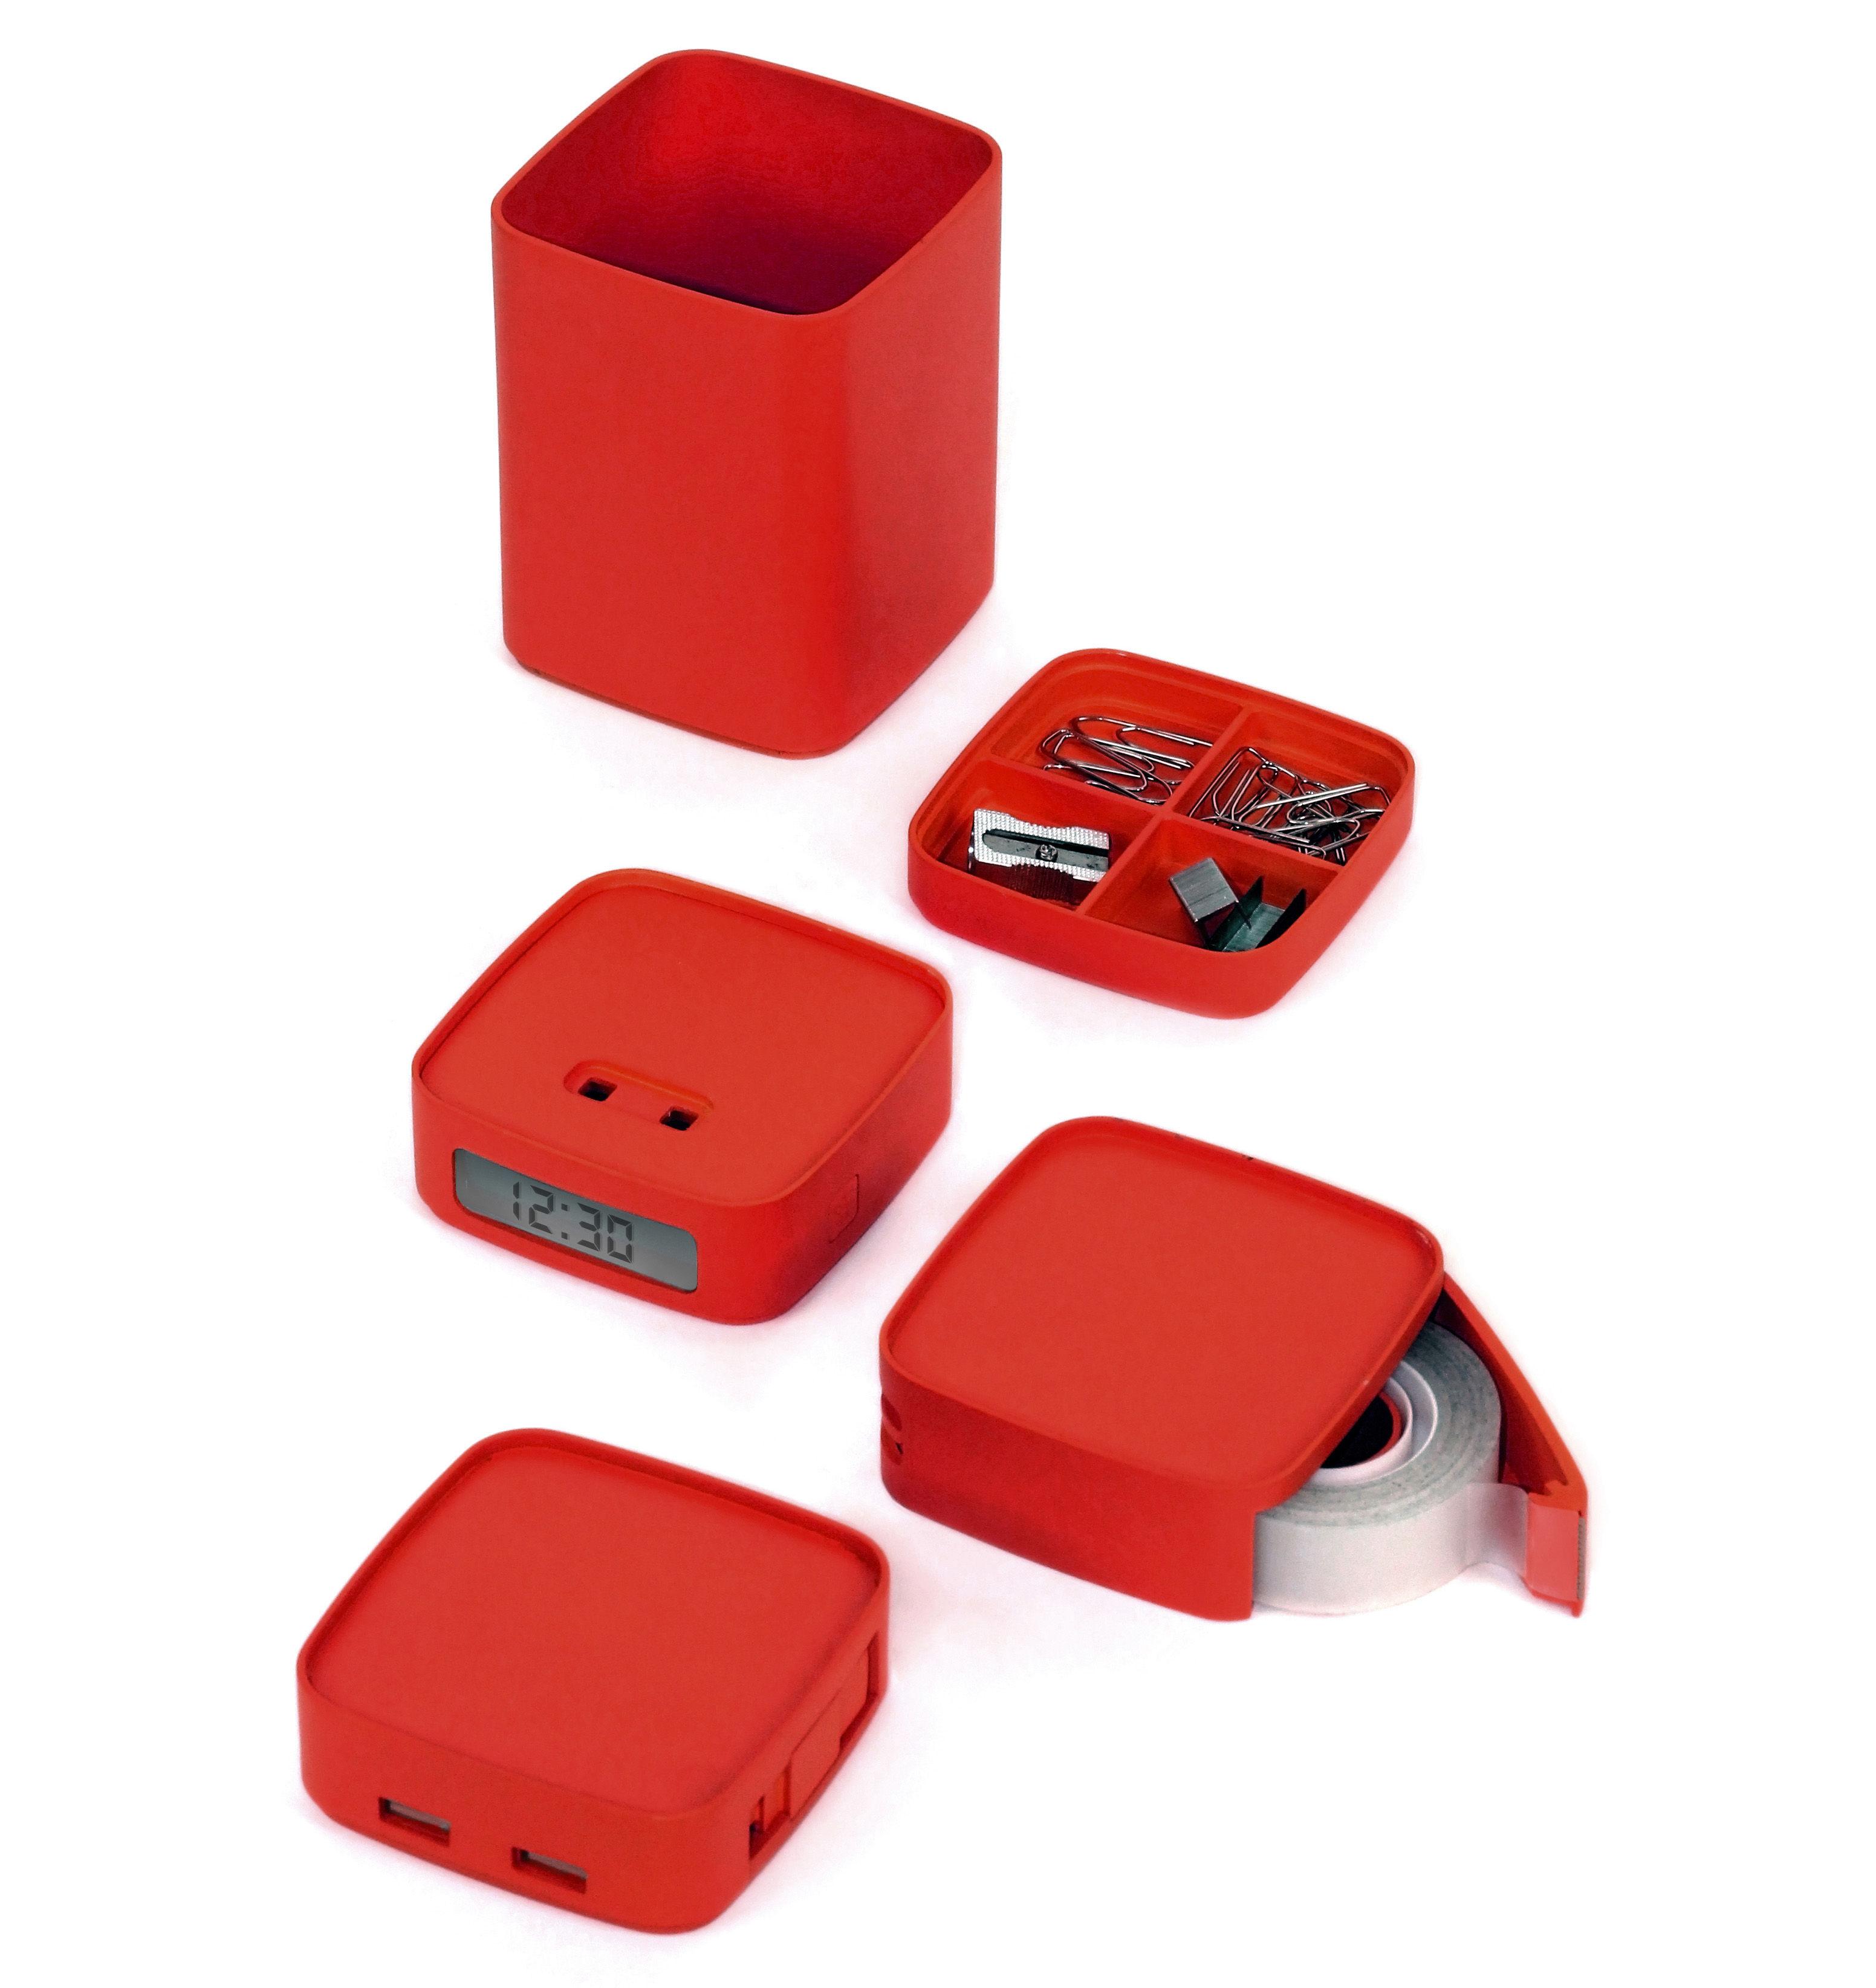 Mini totem accessori ufficio set da ufficio 5 in 2 nero by lexon made in design - Accessori ufficio design ...